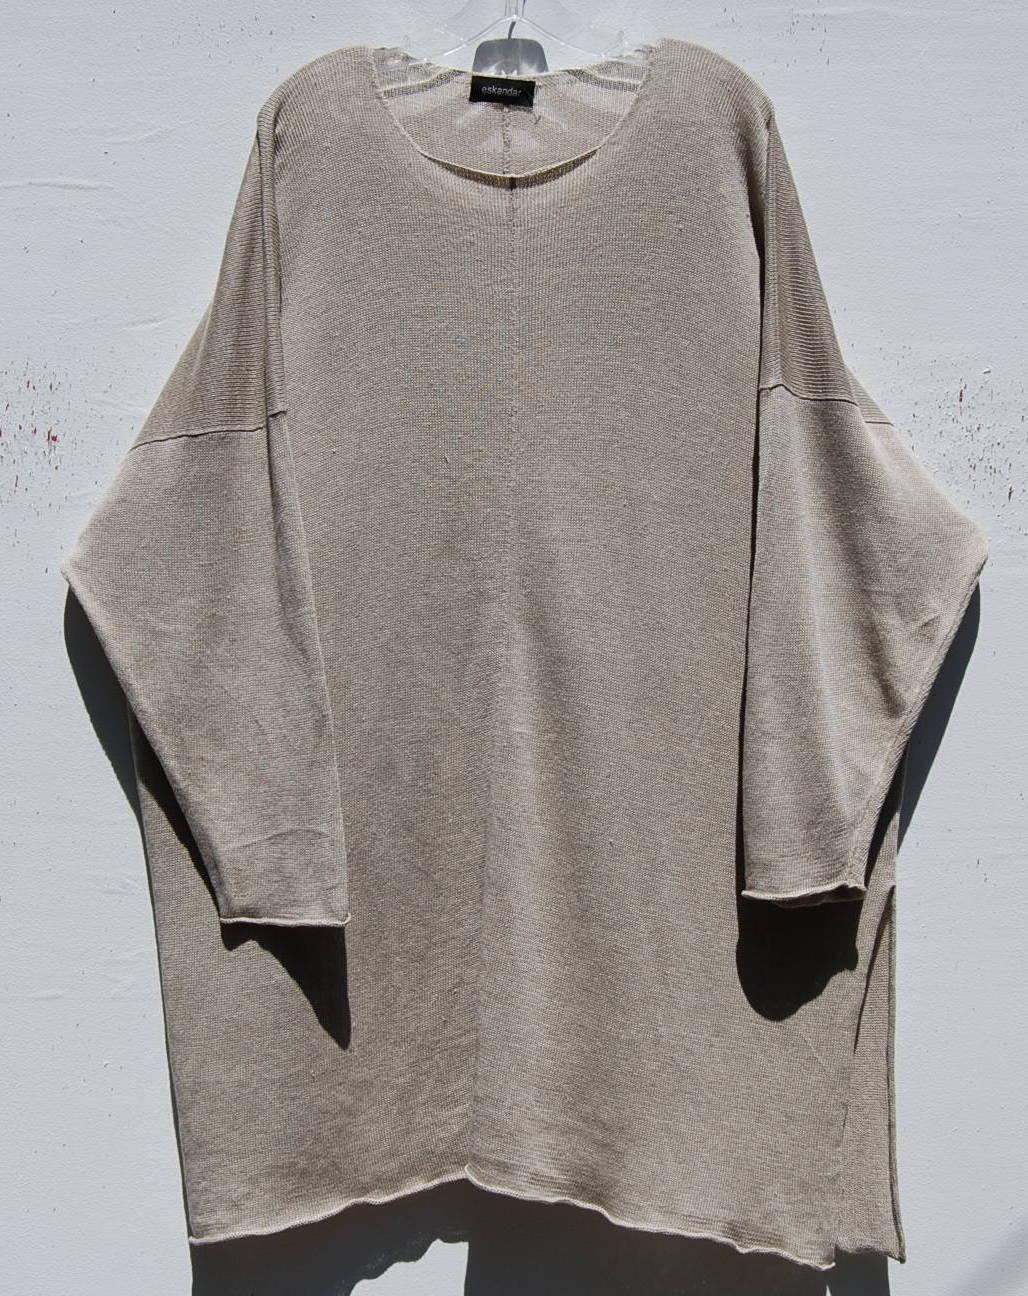 NEW Eskandar NATURAL Light Weight Linen Knit 36  Long Tunic Sweater O S  1190